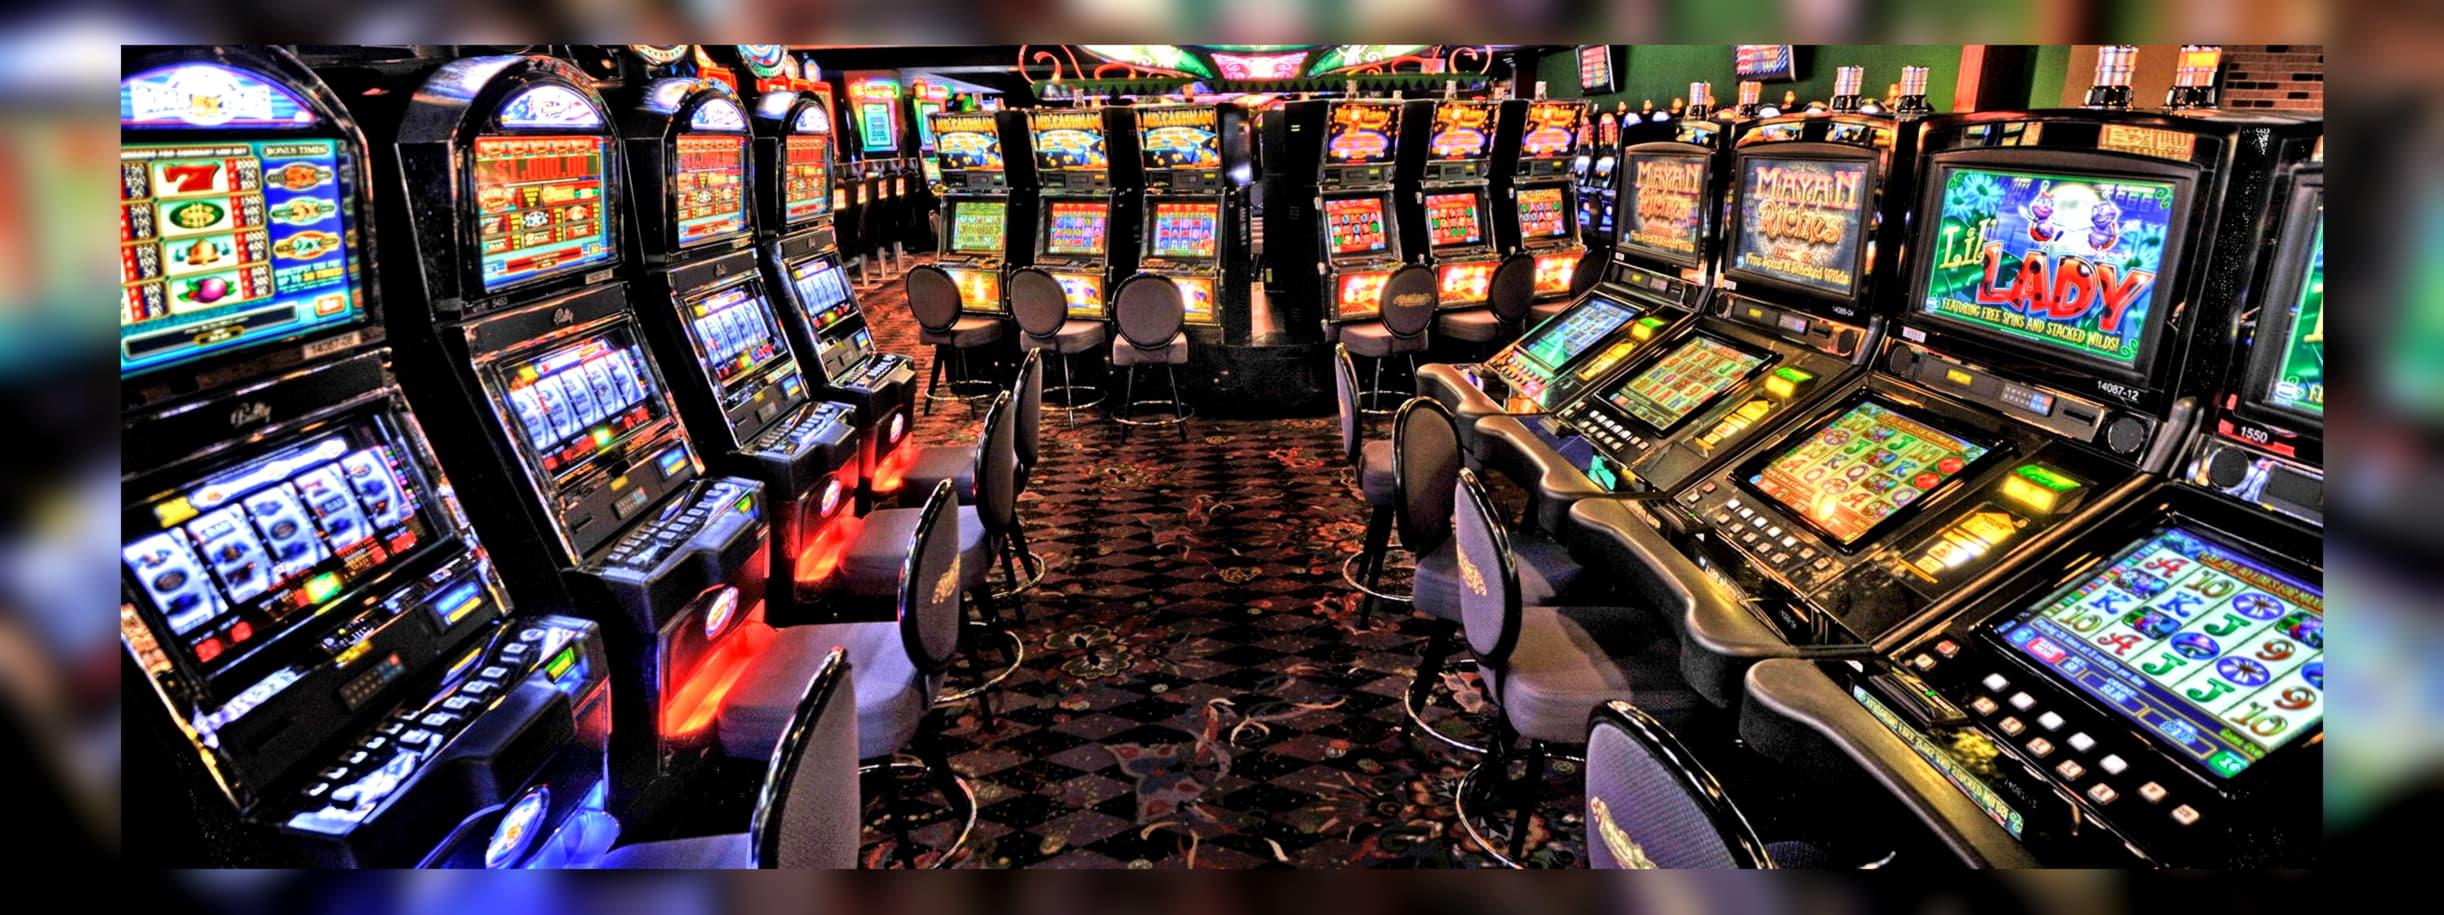 135% โบนัสต้อนรับที่คาสิโน Treasure Island Jackpots (กระจกเงินสด Sloto)